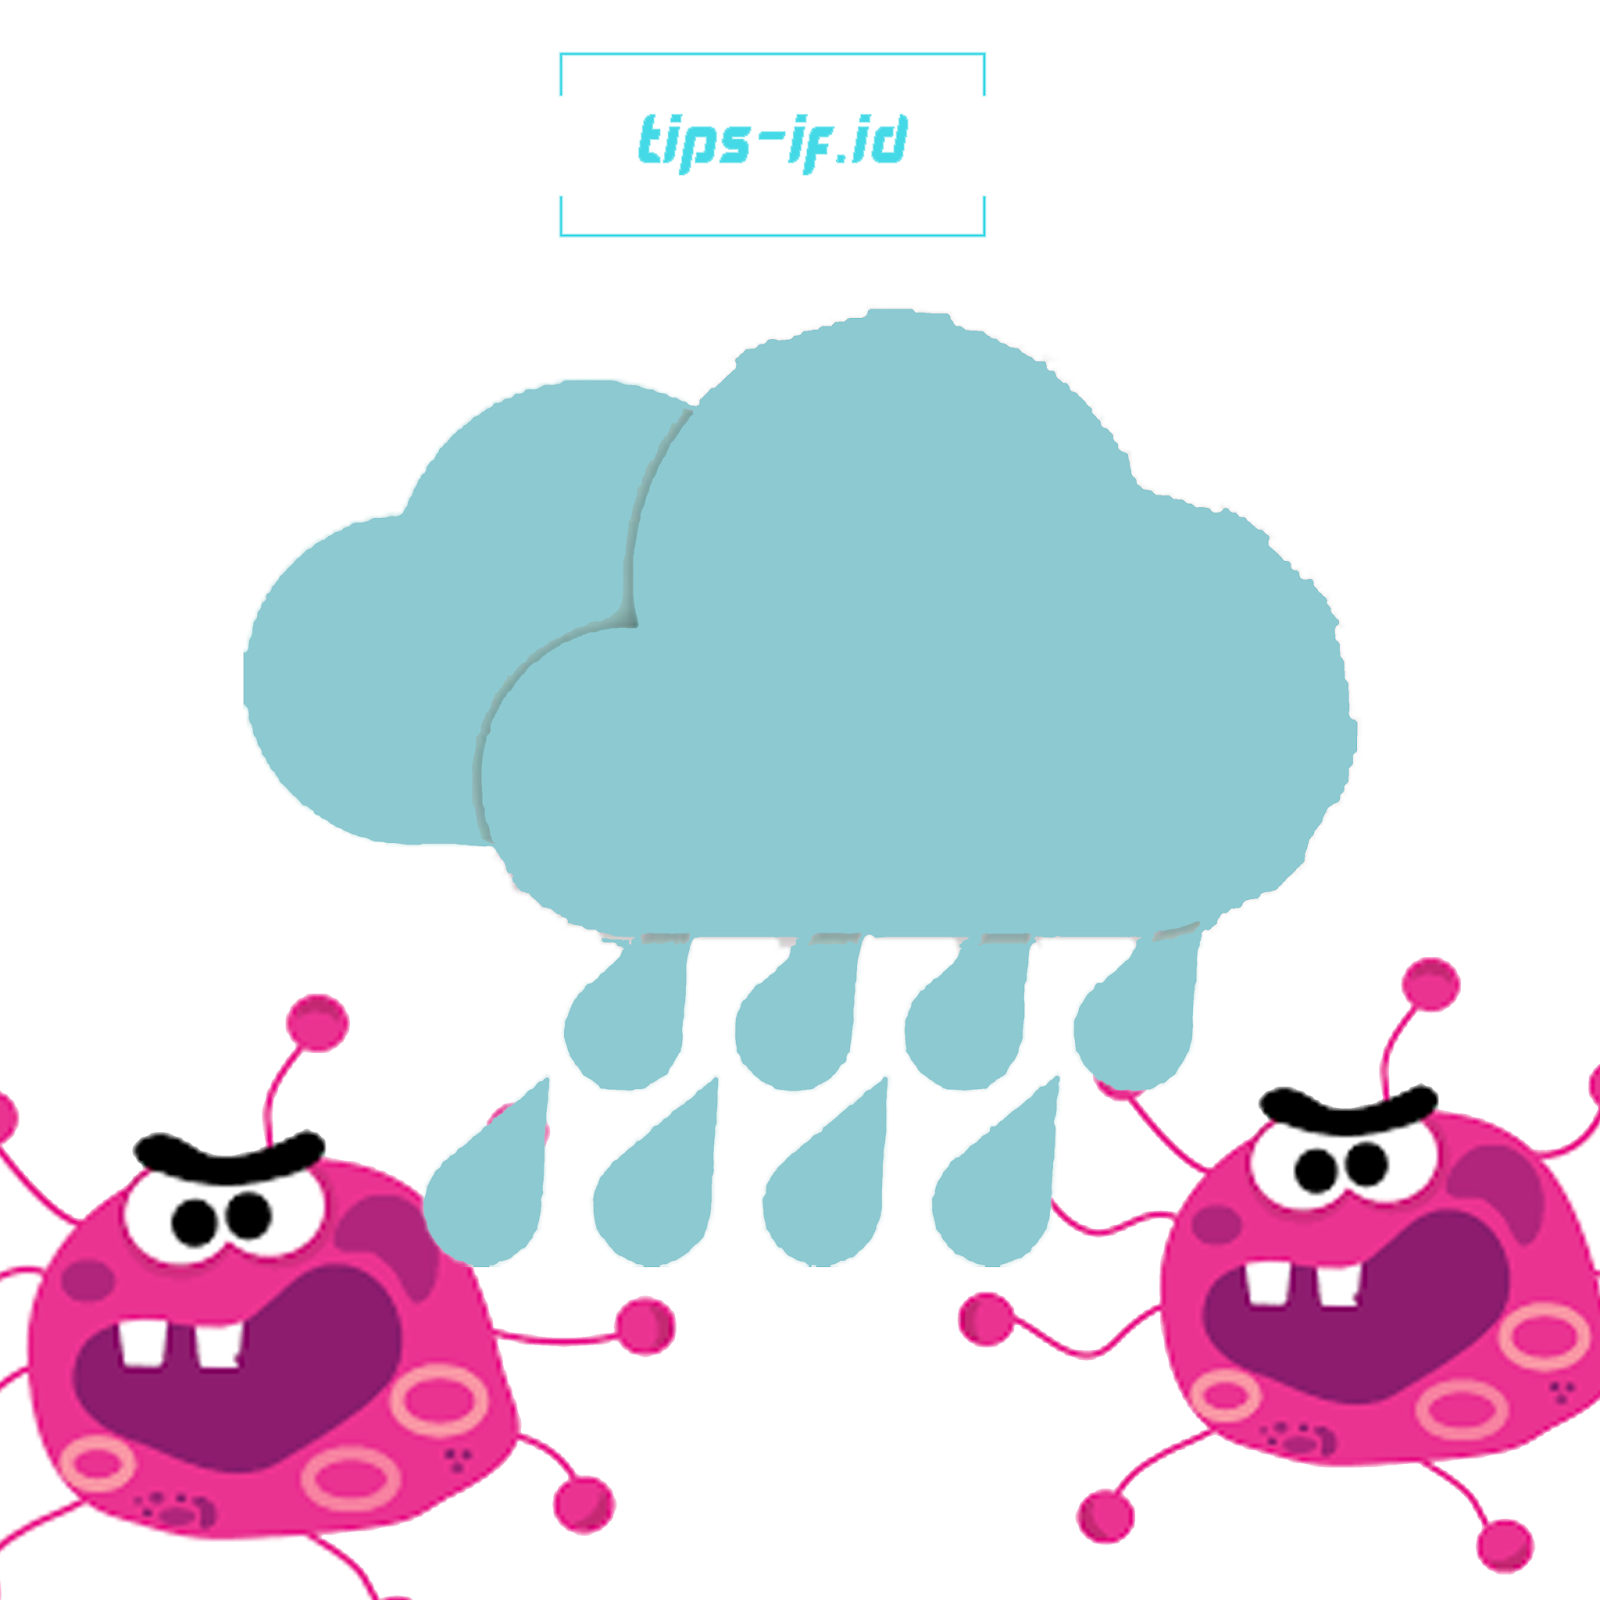 8 Tips Menjaga Kesehatan di Musim Hujan - Tips-IF